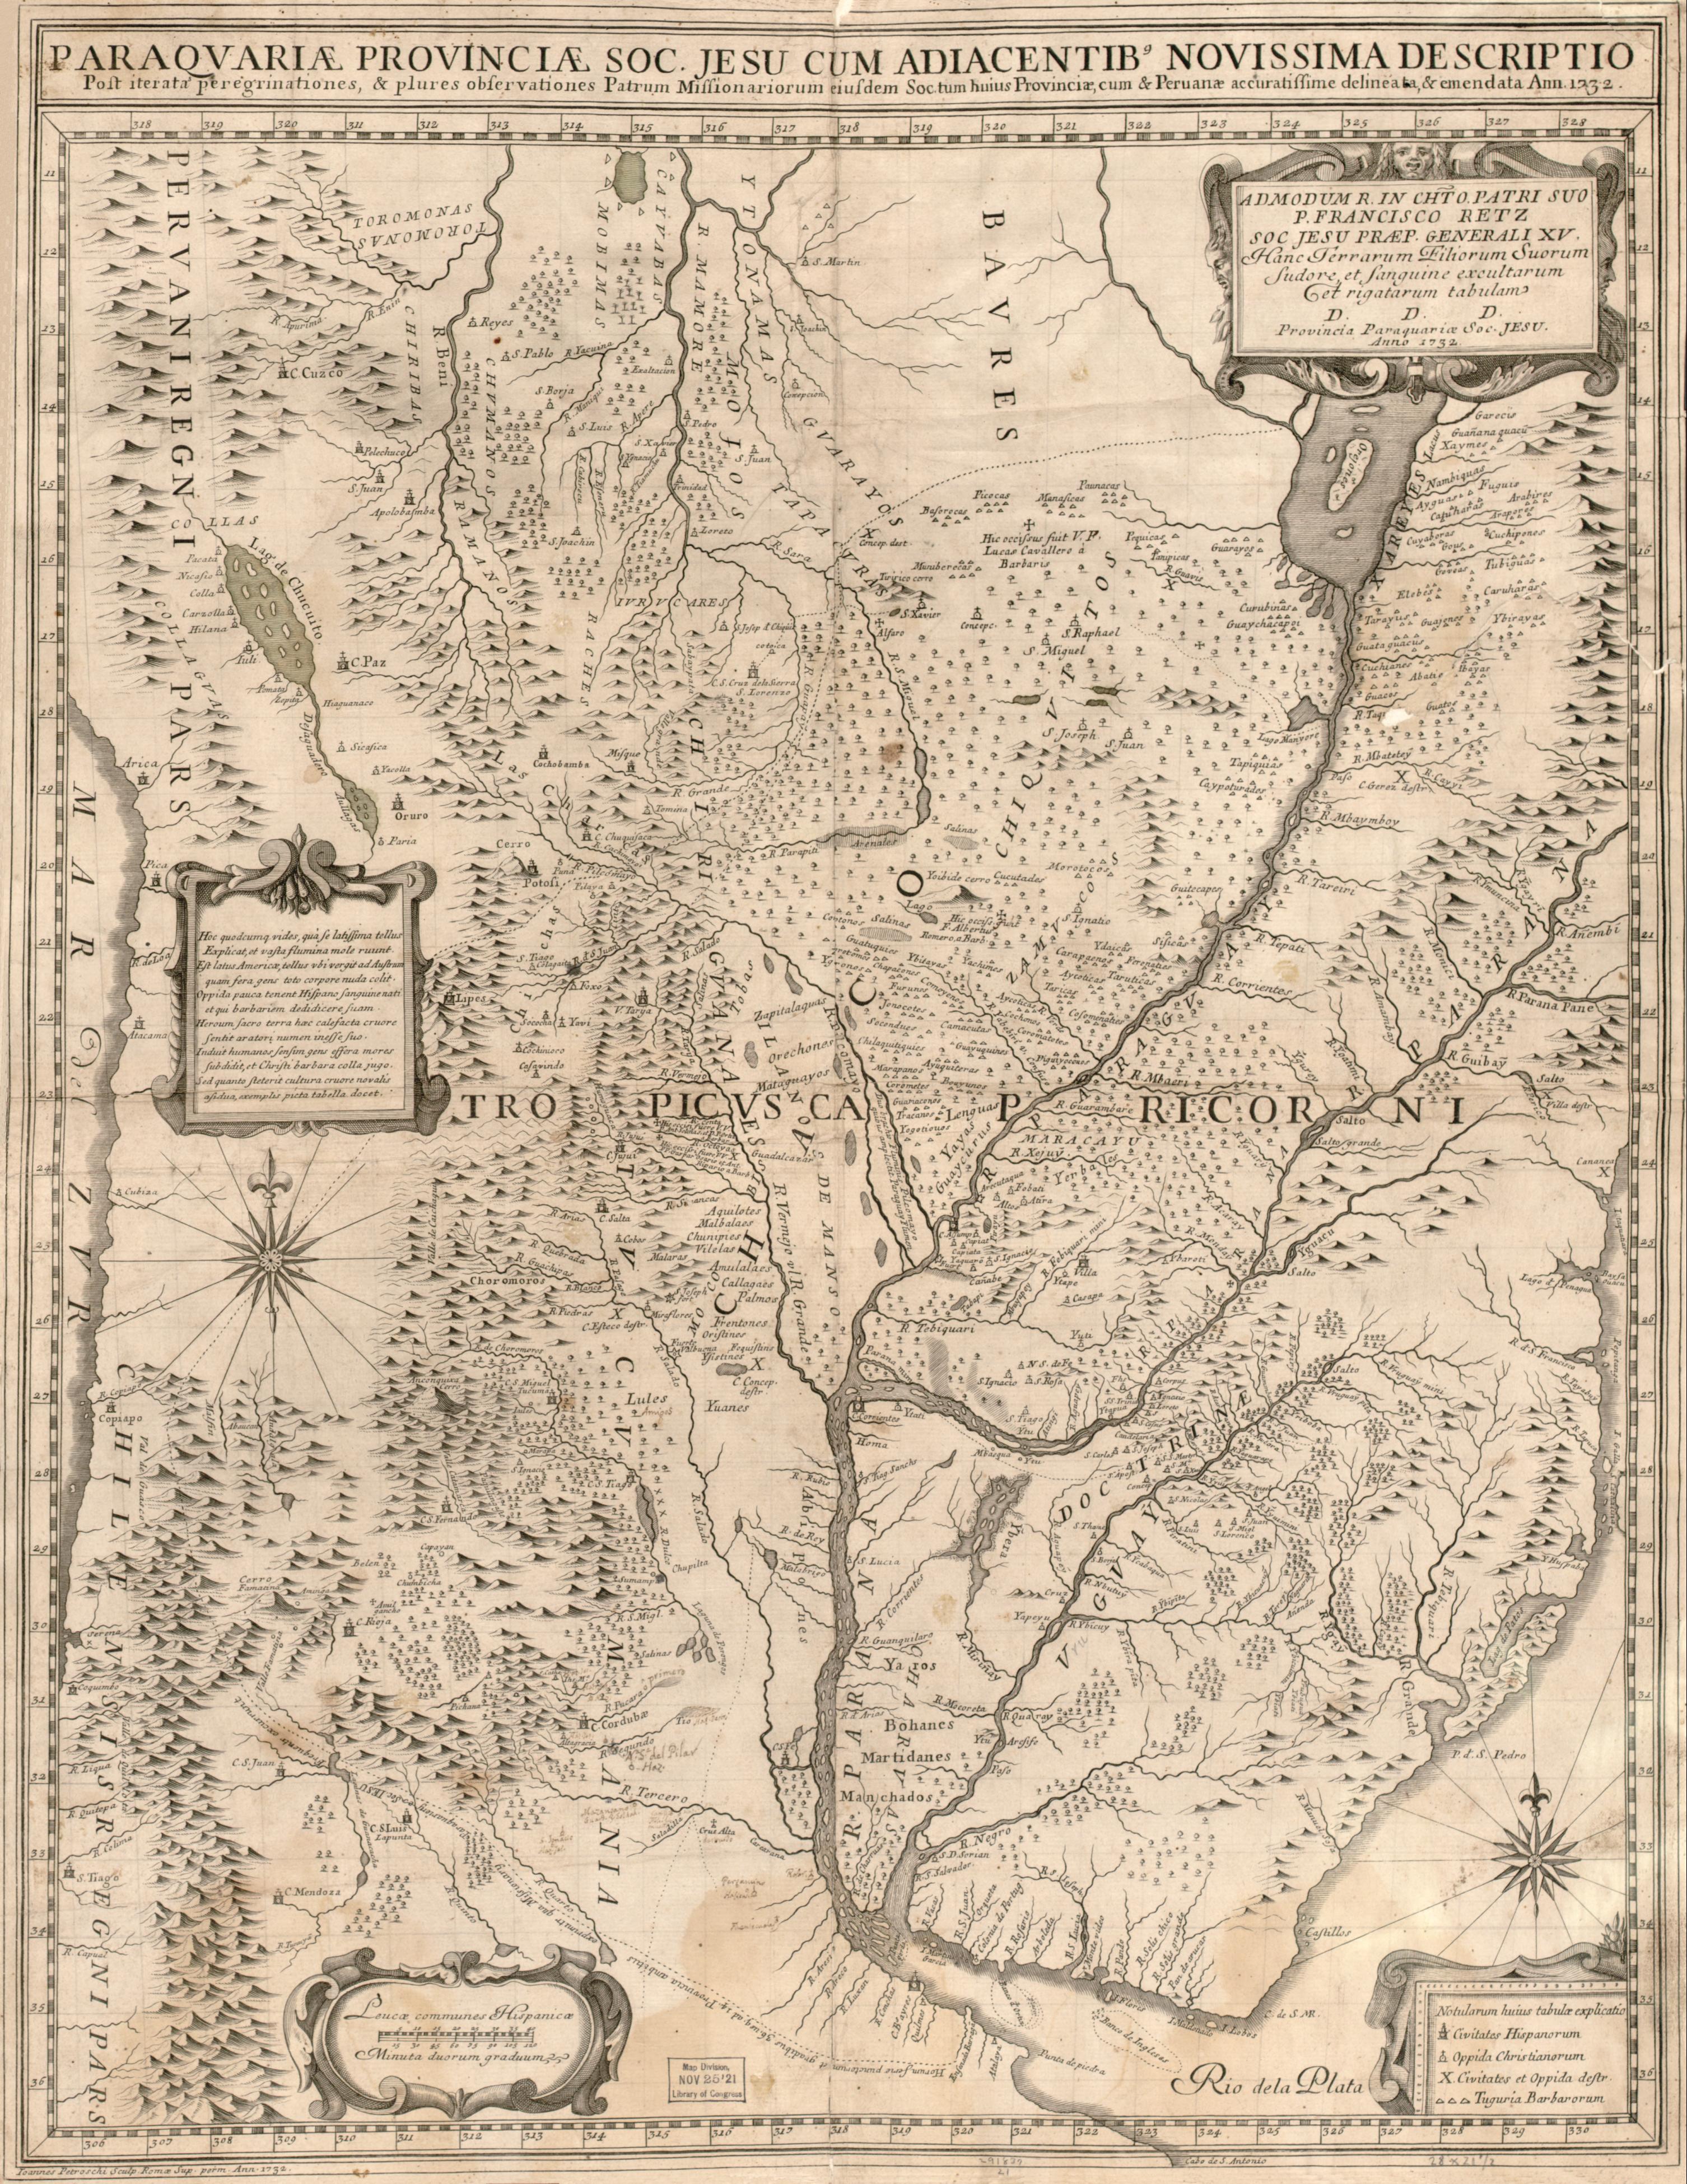 File:Jesuit Province Paraguay 1732 map.png